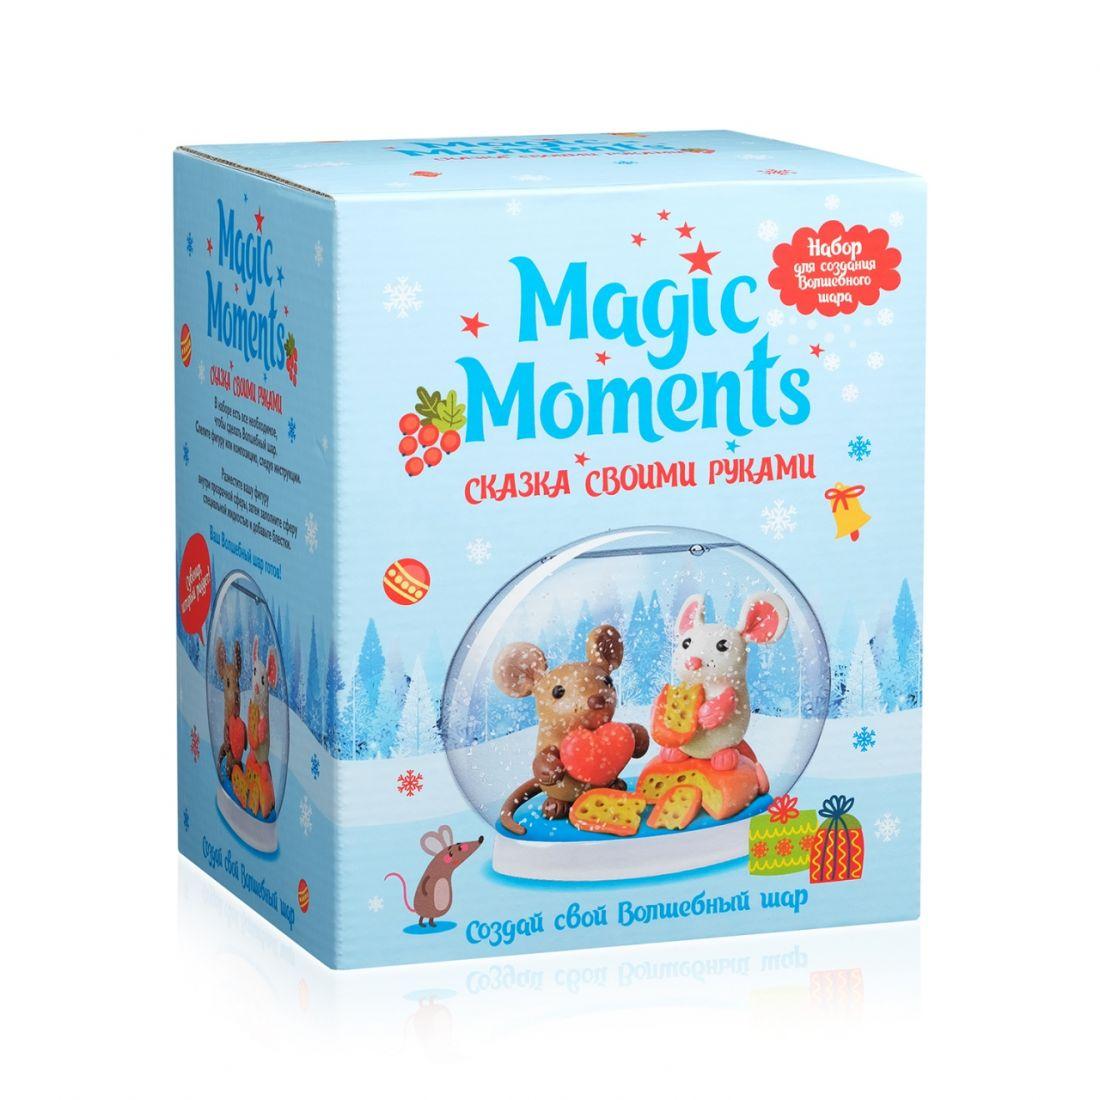 Набор для творчества MAGIC MOMENTS mm-24 Волшебный шар Мышата